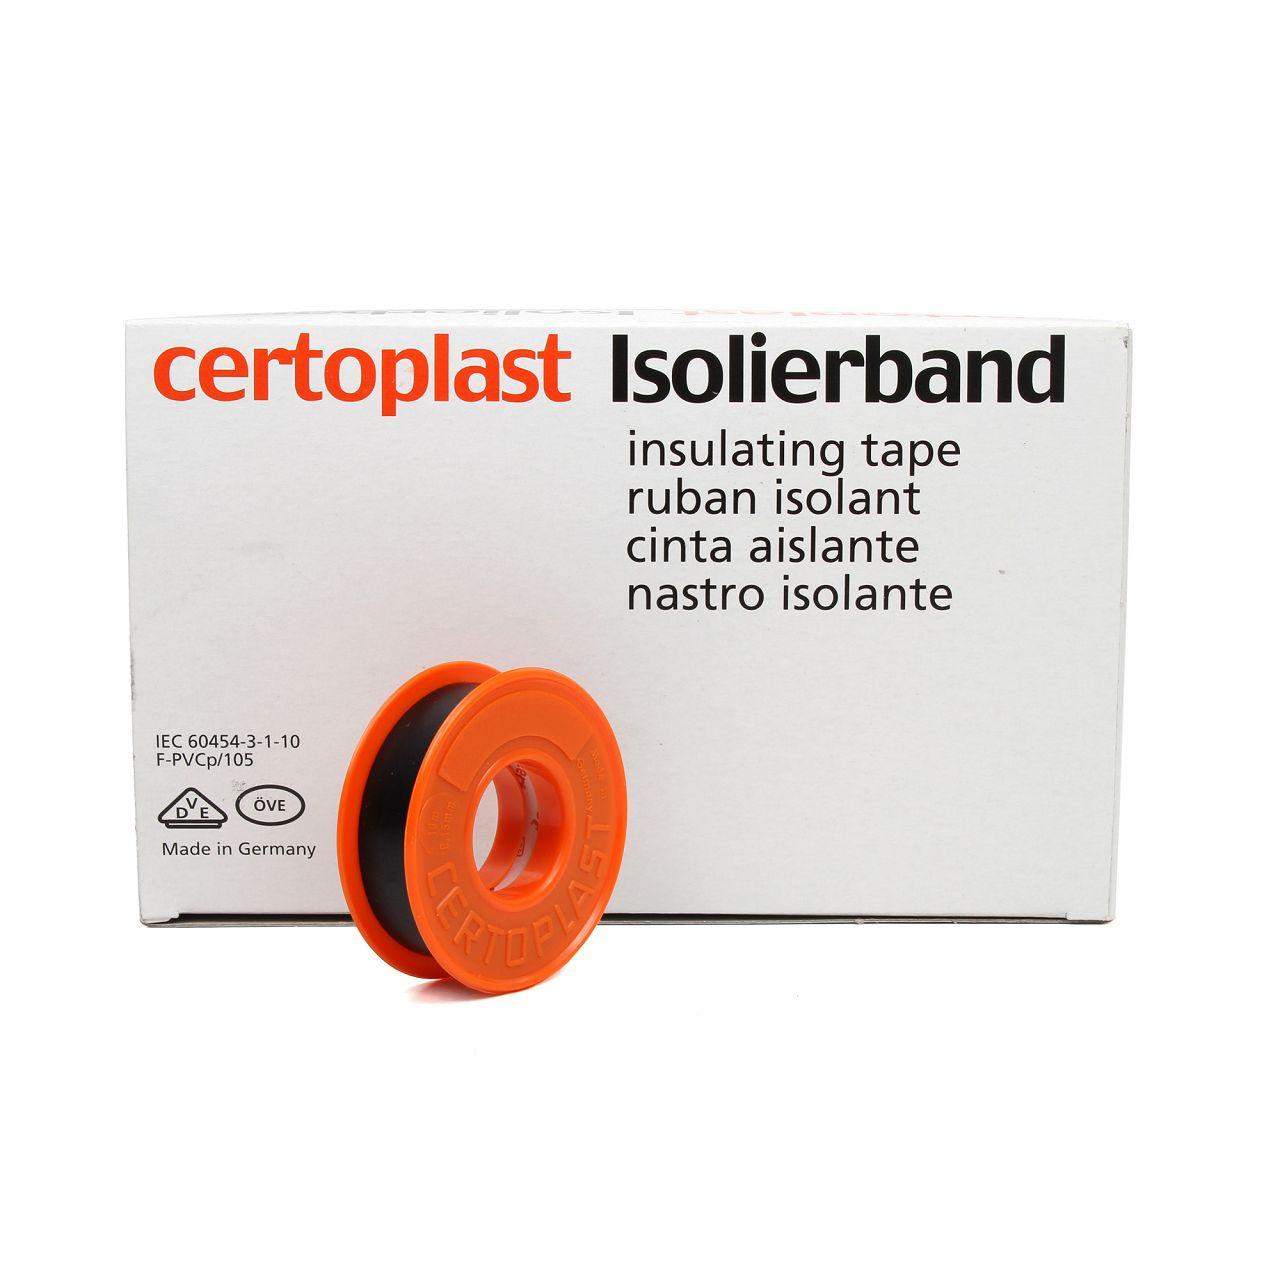 CERTOPLAST Isolierband Klebeband SCHWARZ 15mm x 10m 14.6010.0069